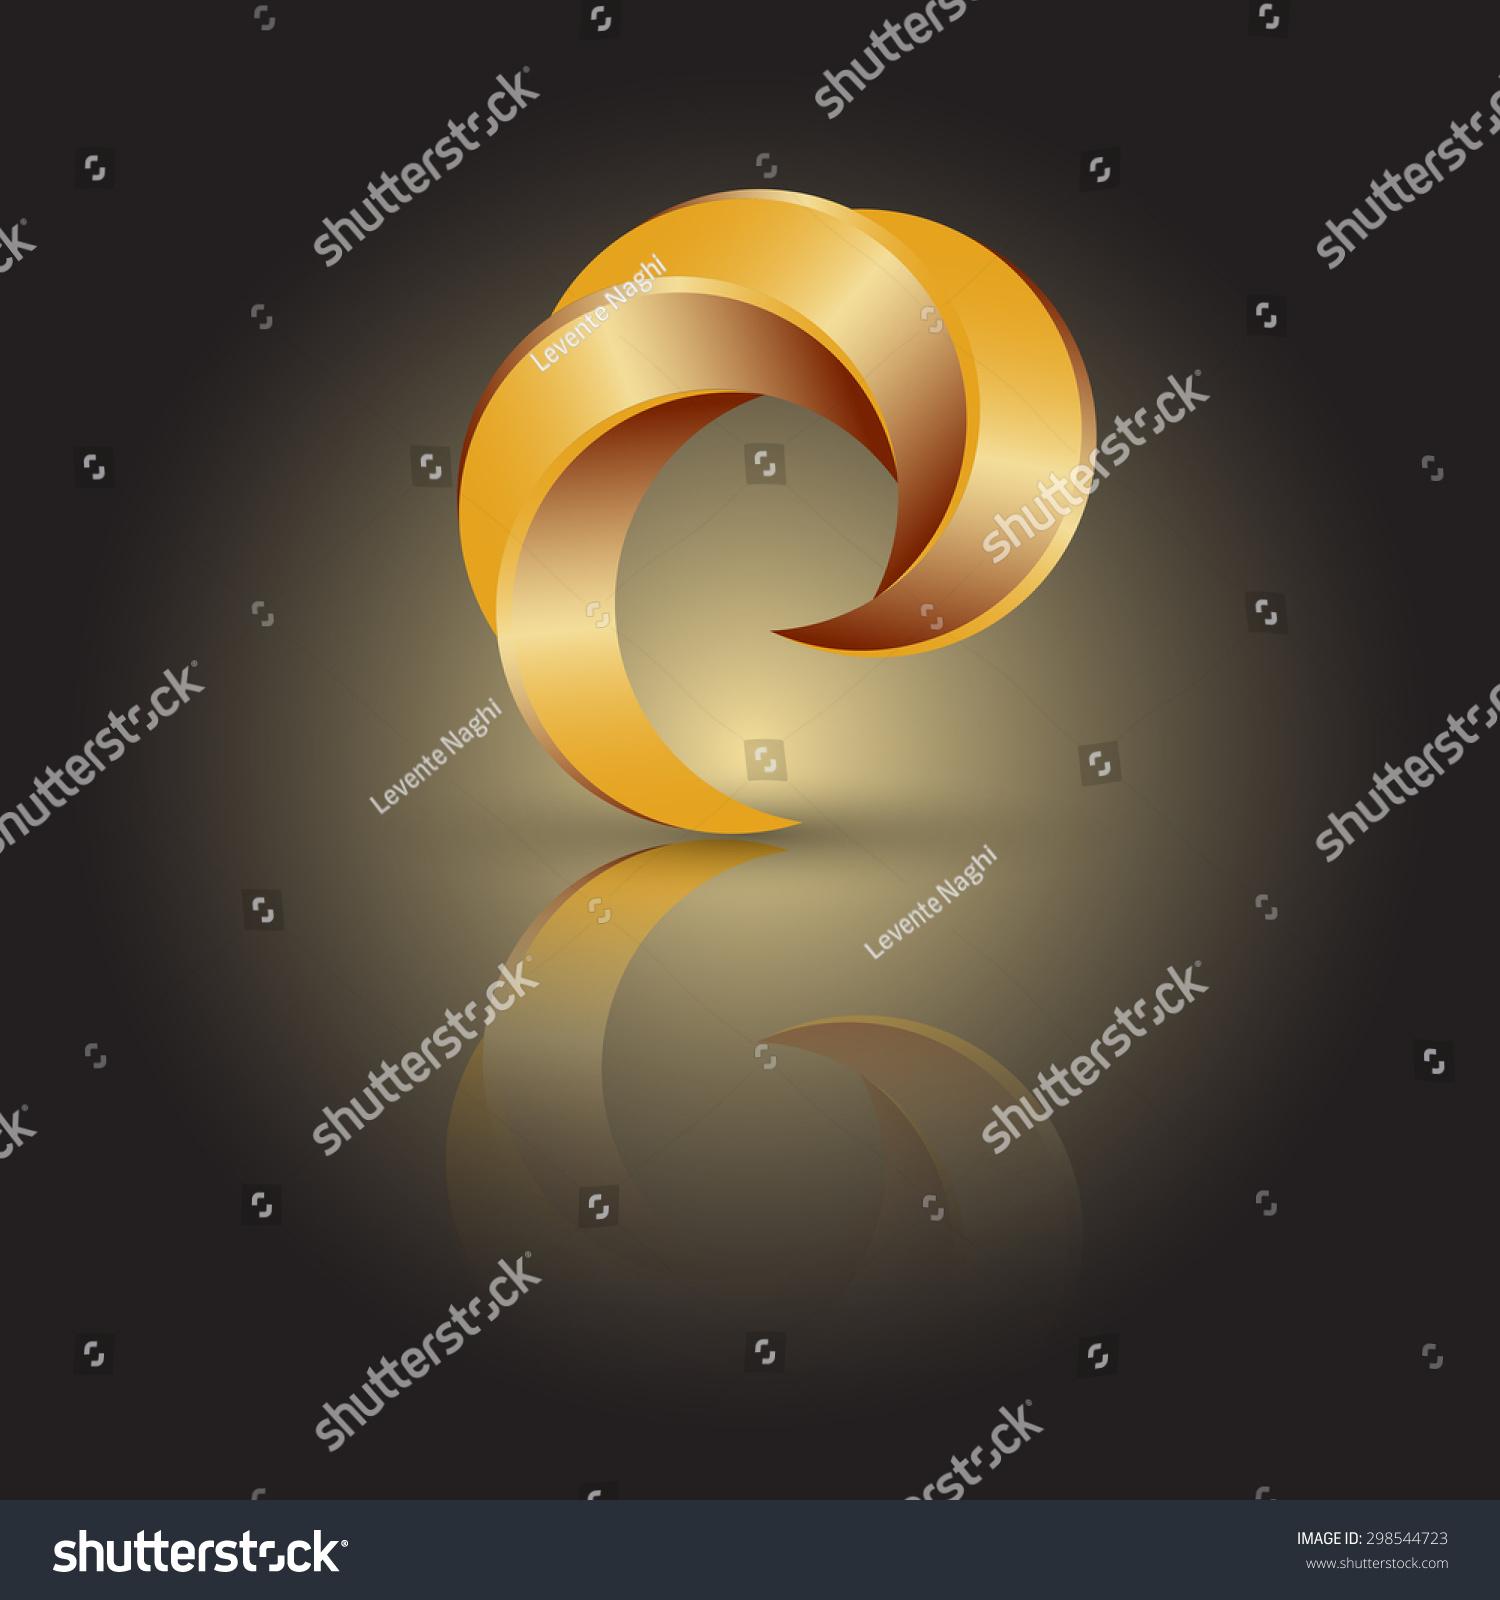 矢量图的标志看起来像一个爪